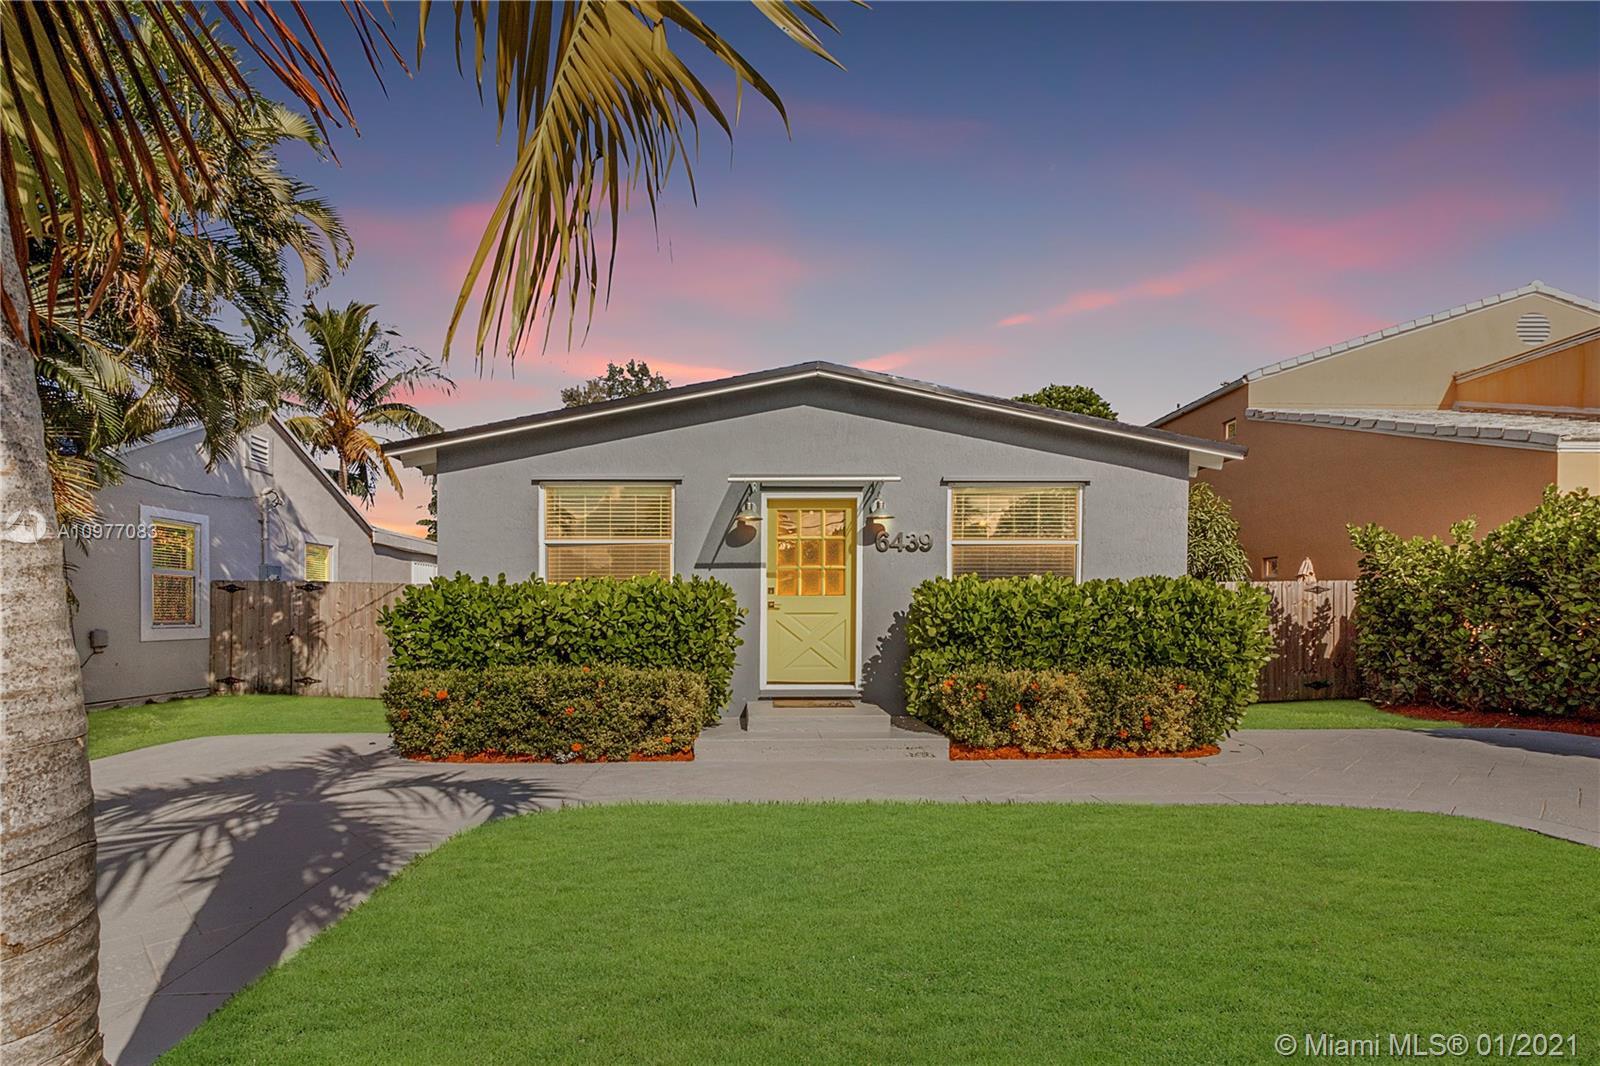 Coral Villas - 6439 SW 34th St, Miami, FL 33155